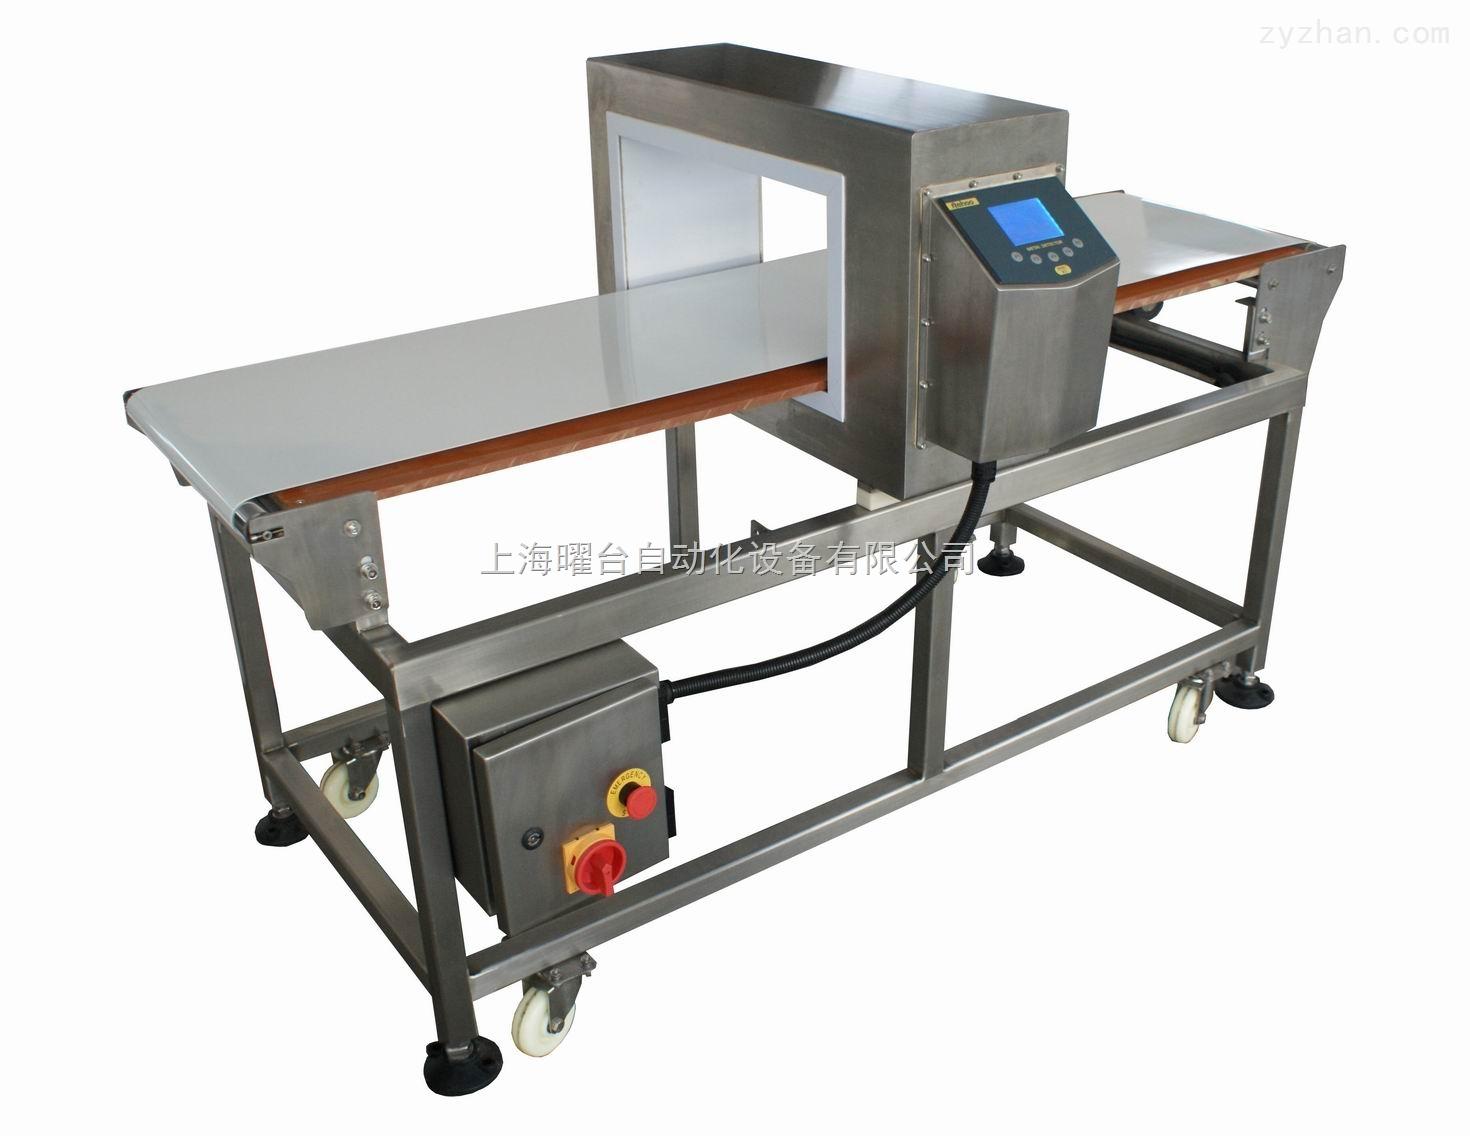 金属探测机YDA-350-150,金属探测器,金属探测仪,金属检测仪,食品检测仪